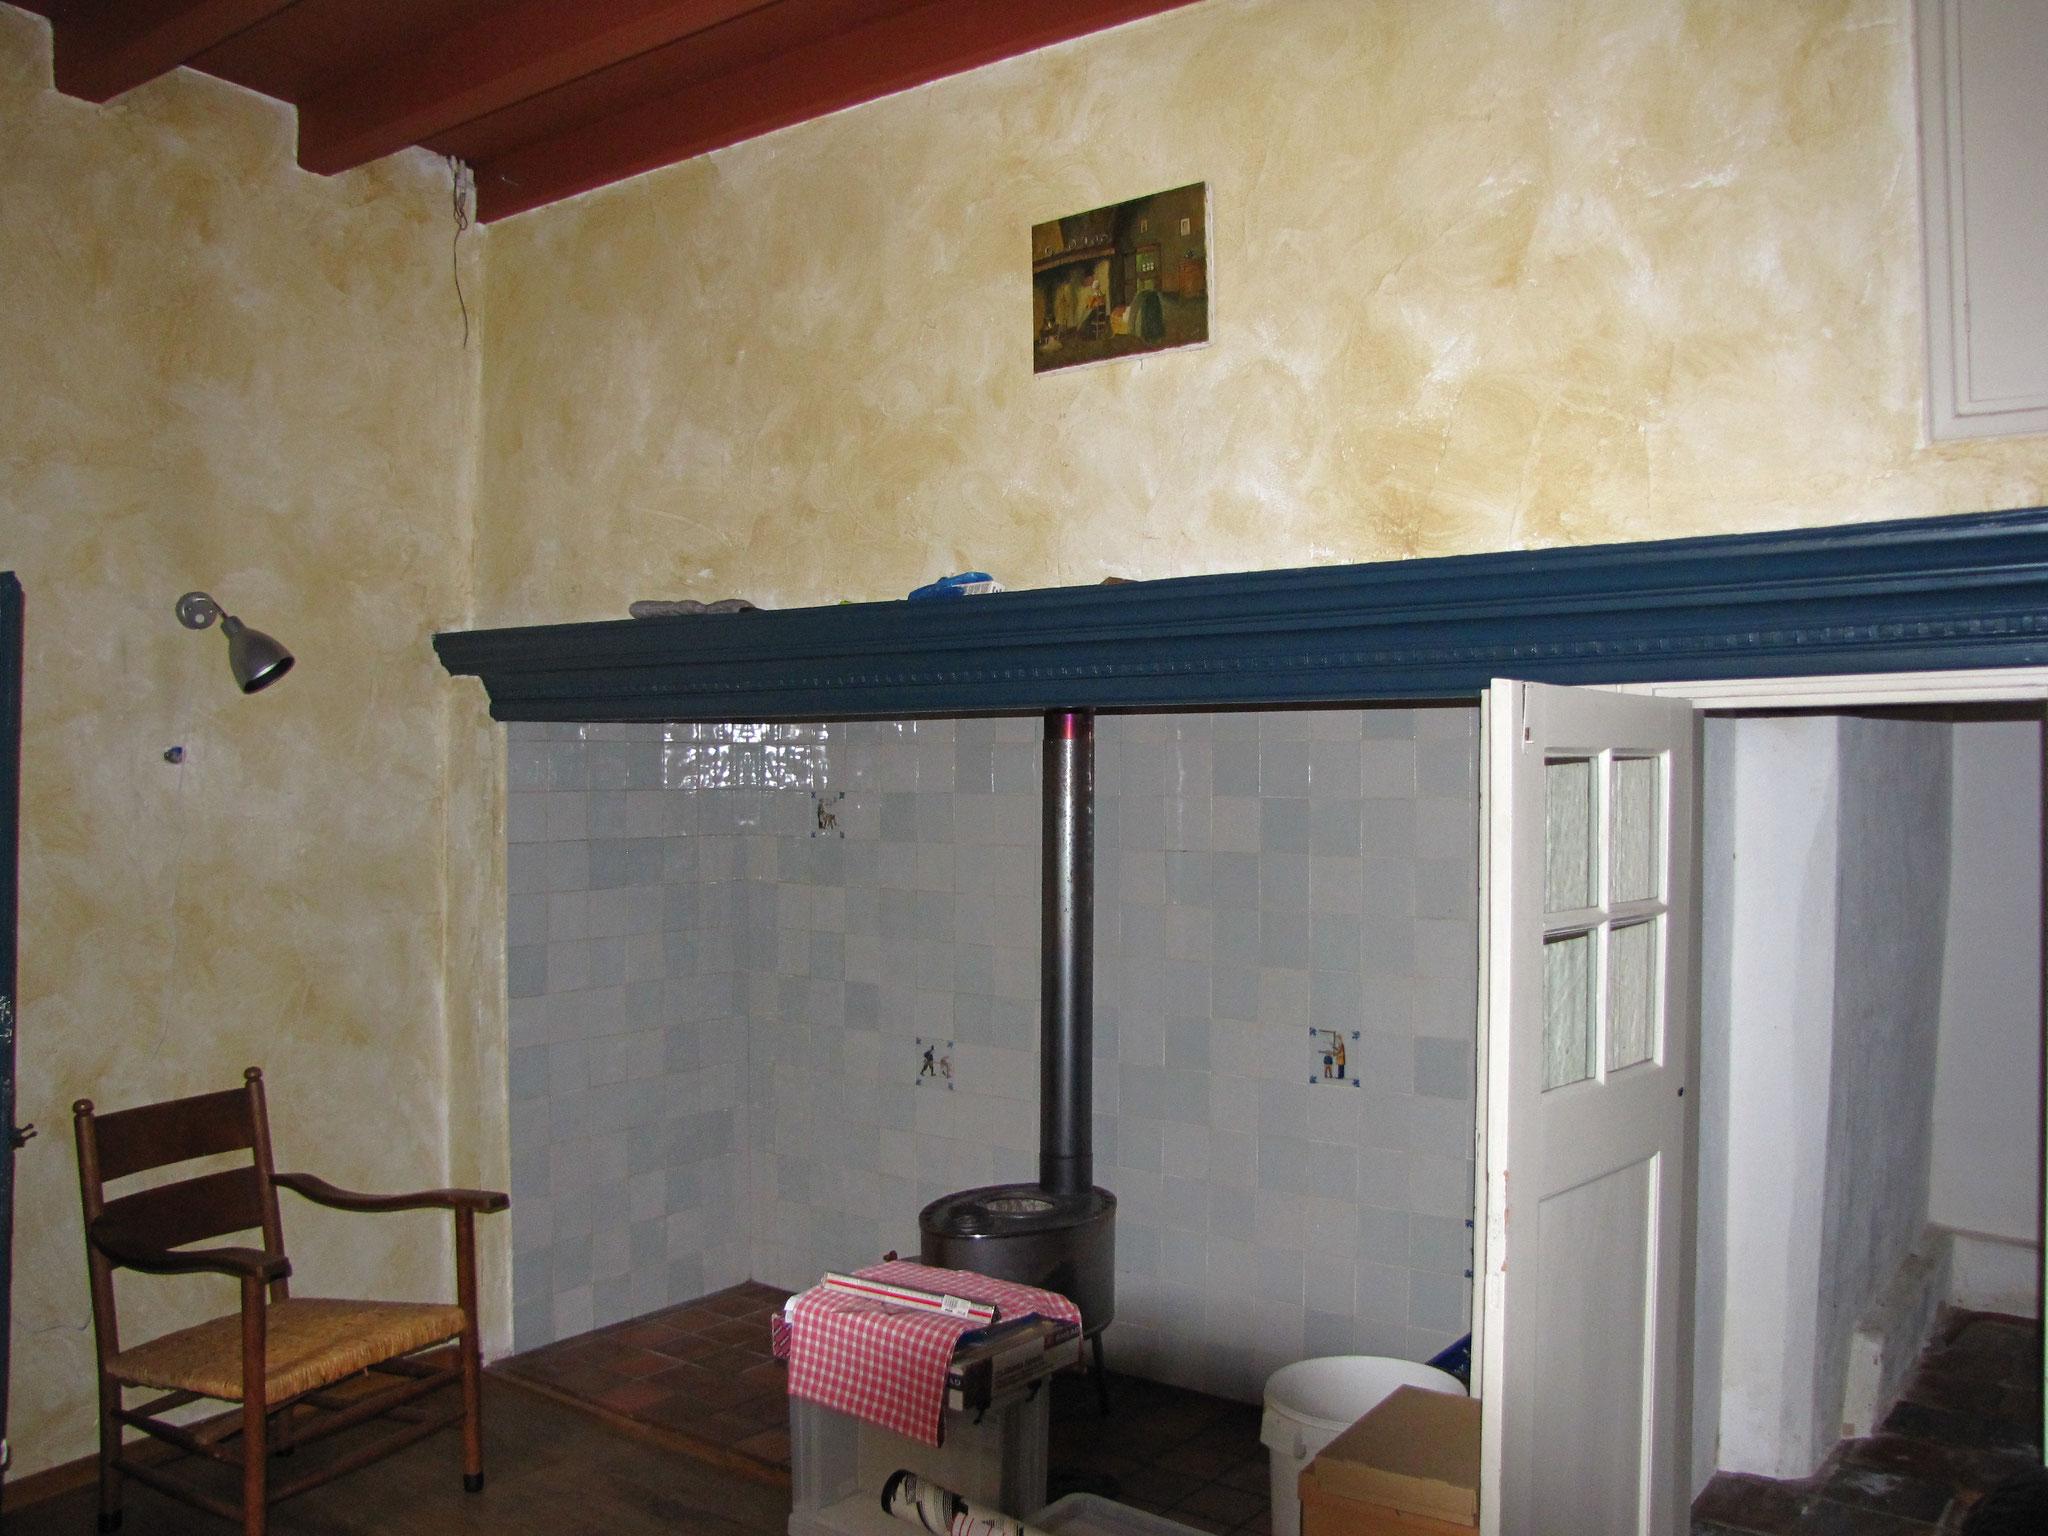 De authentieke stookplaats met schouwbalk. Geheel rechts een bedstee, waarboven nog de rookkast aanwezig is.